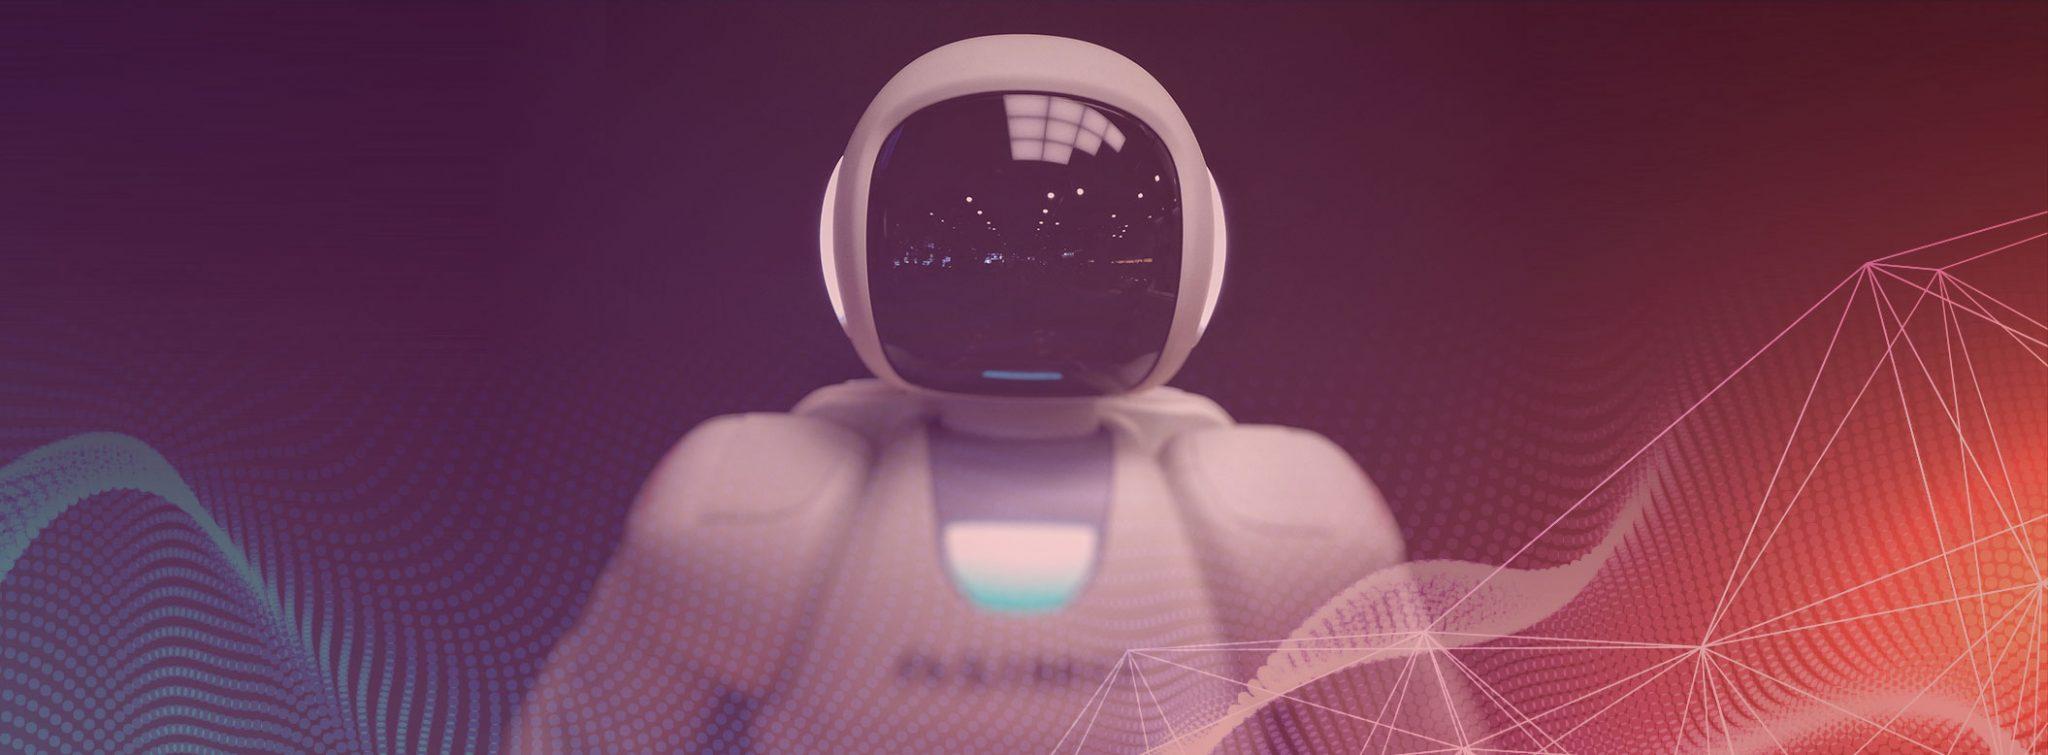 Inteligência Artificial e seu potencial para revolucionar negócios